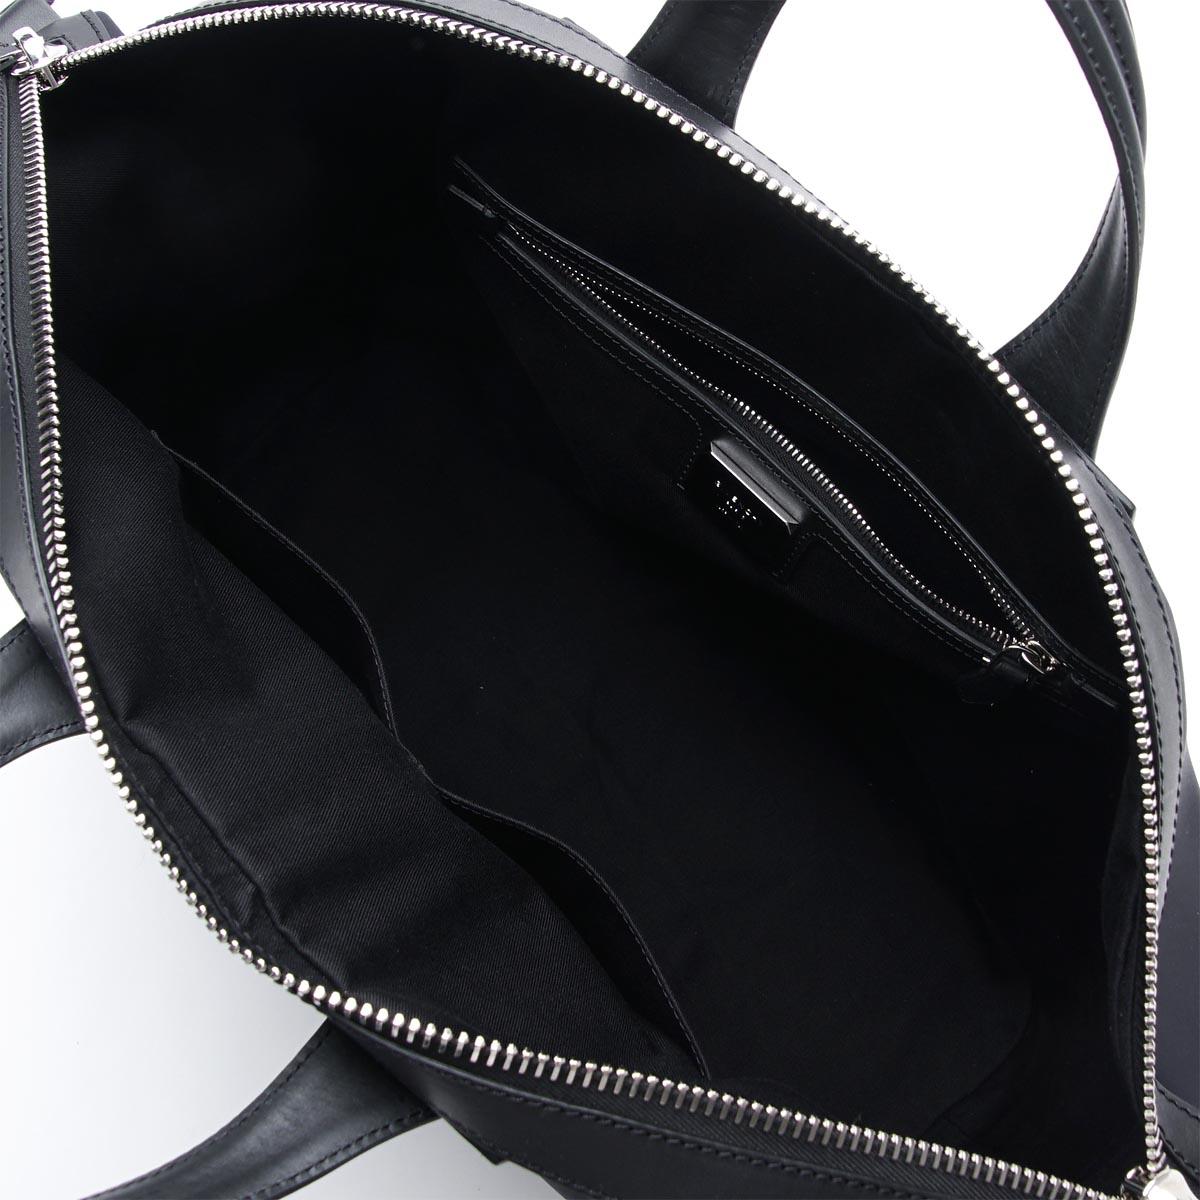 基蓬西GIVENCHY寬底旅行皮包(2WAY式樣)NIGHTINGALE T-HANDLE南丁格爾BLACK黑色派bj05026252 009人